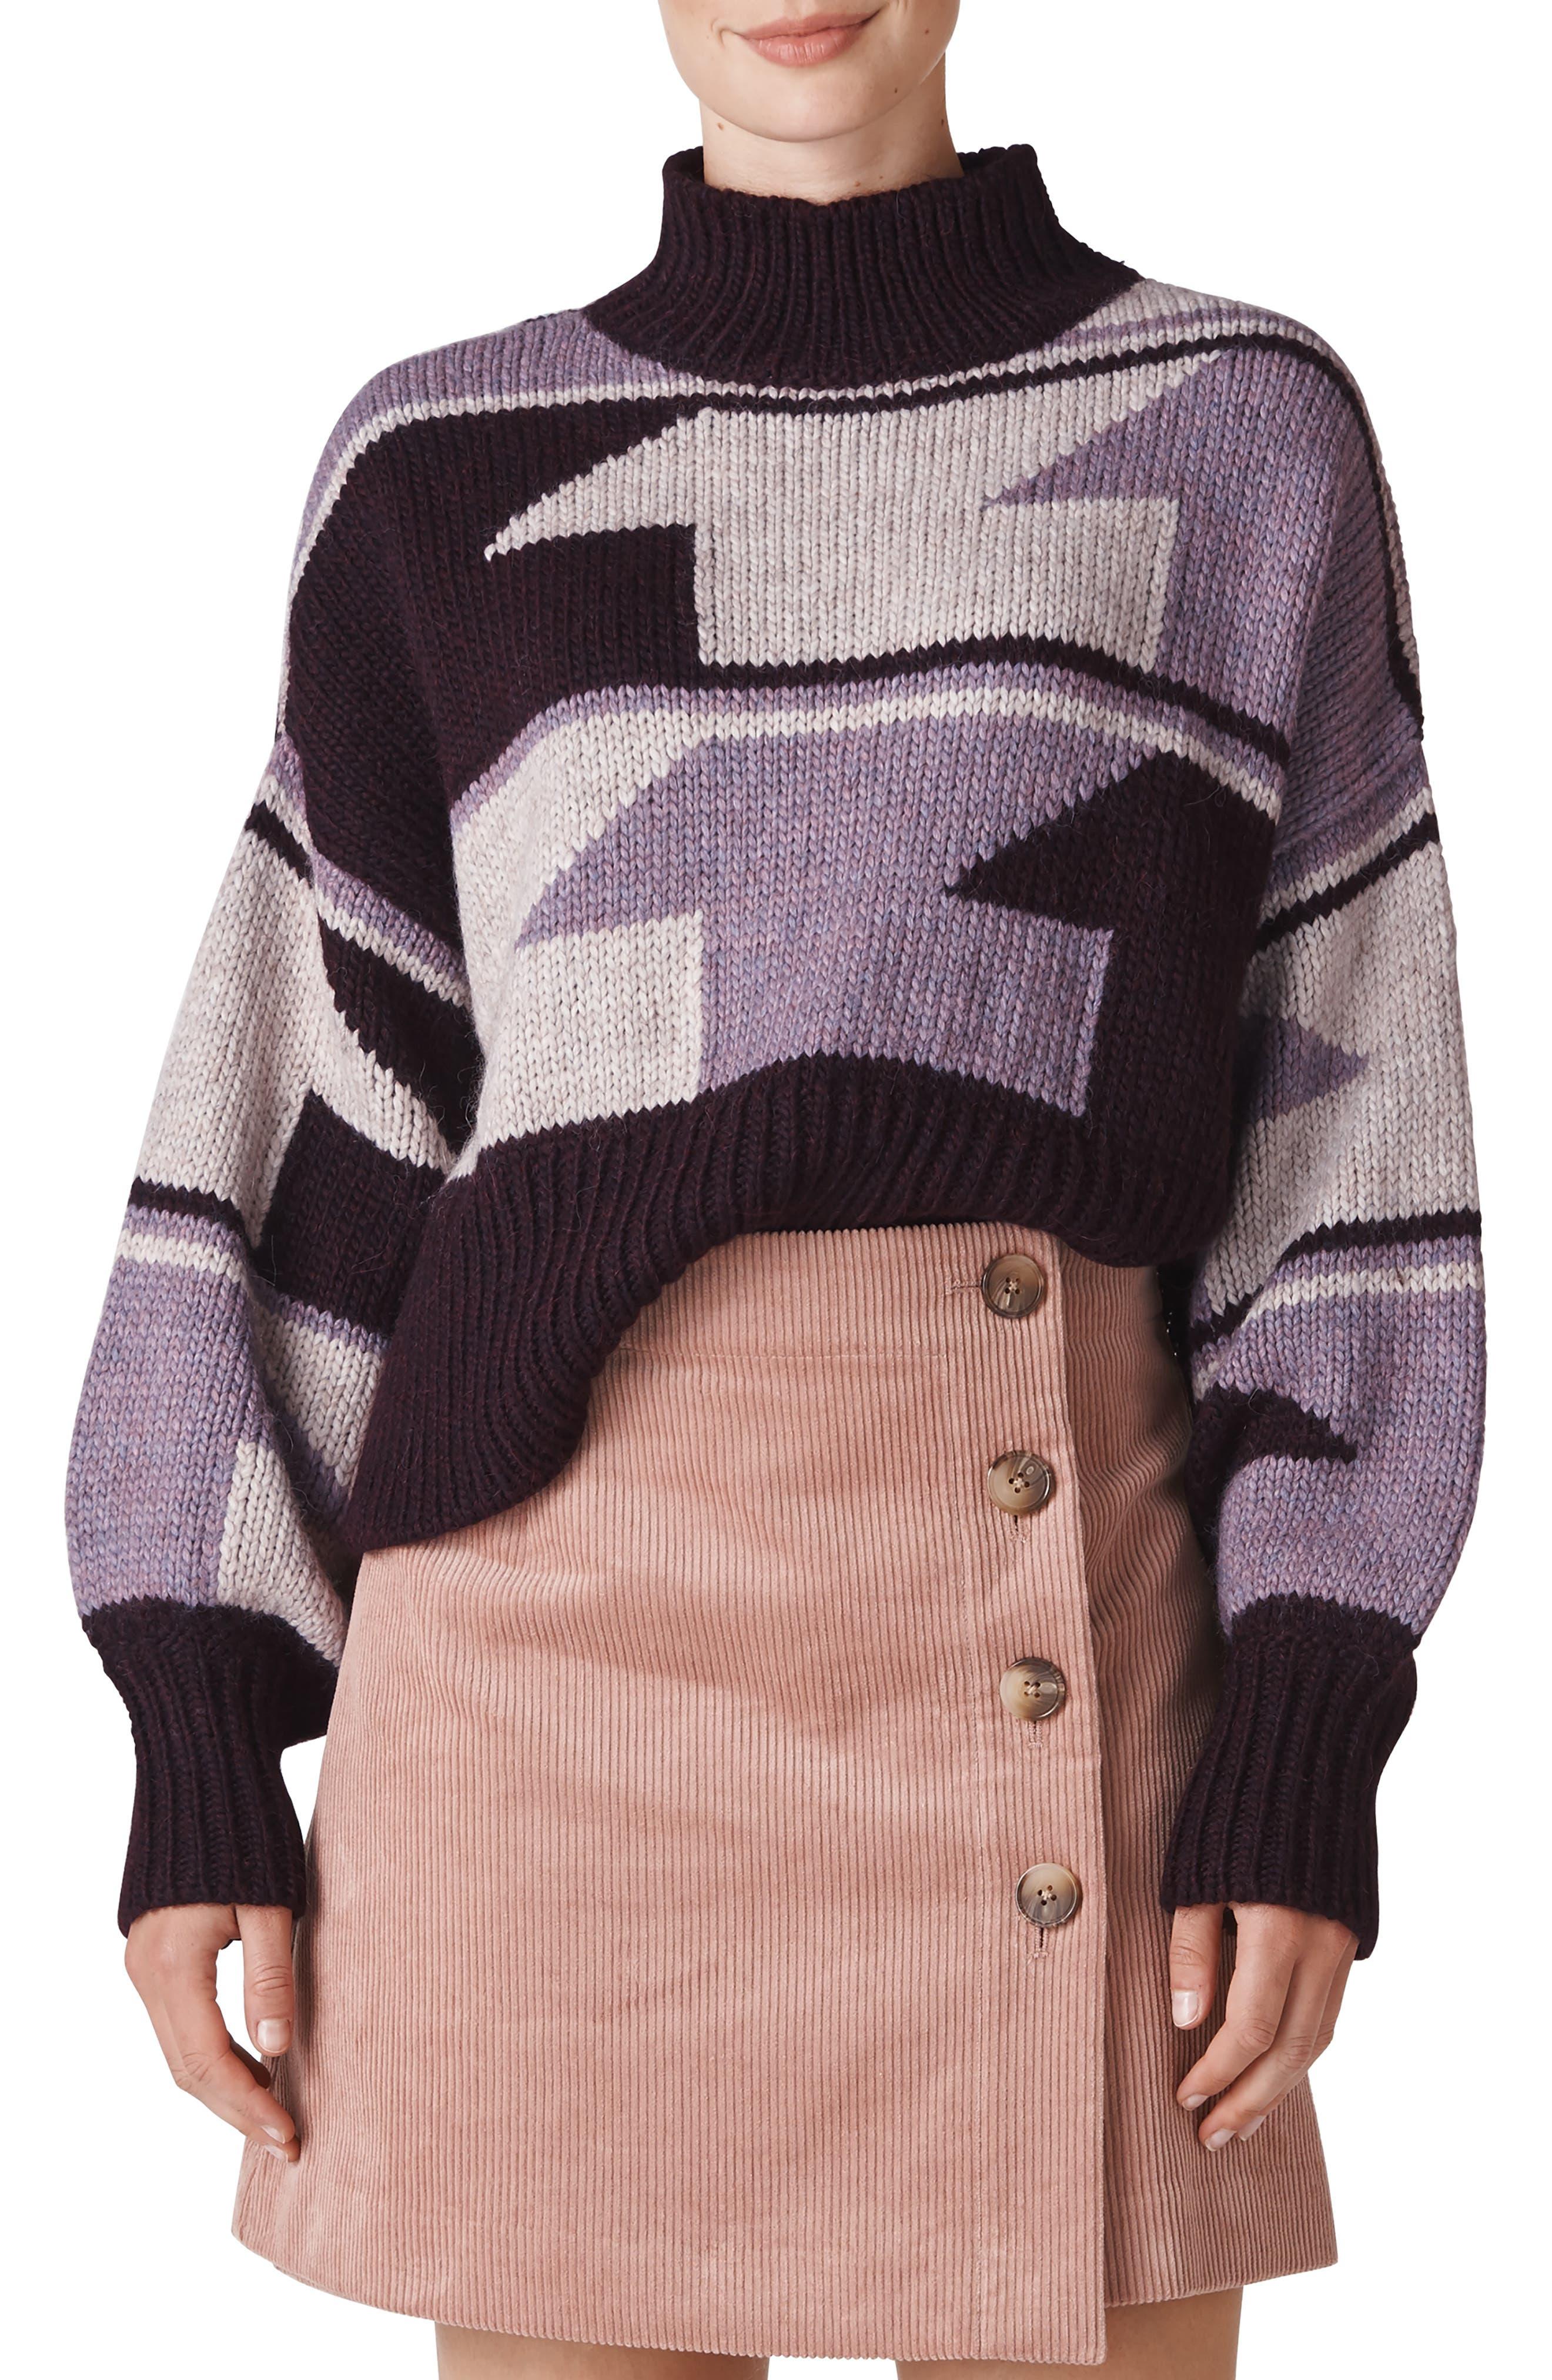 Intarsia Funnel Neck Sweater,                         Main,                         color, MULTICOLOUR